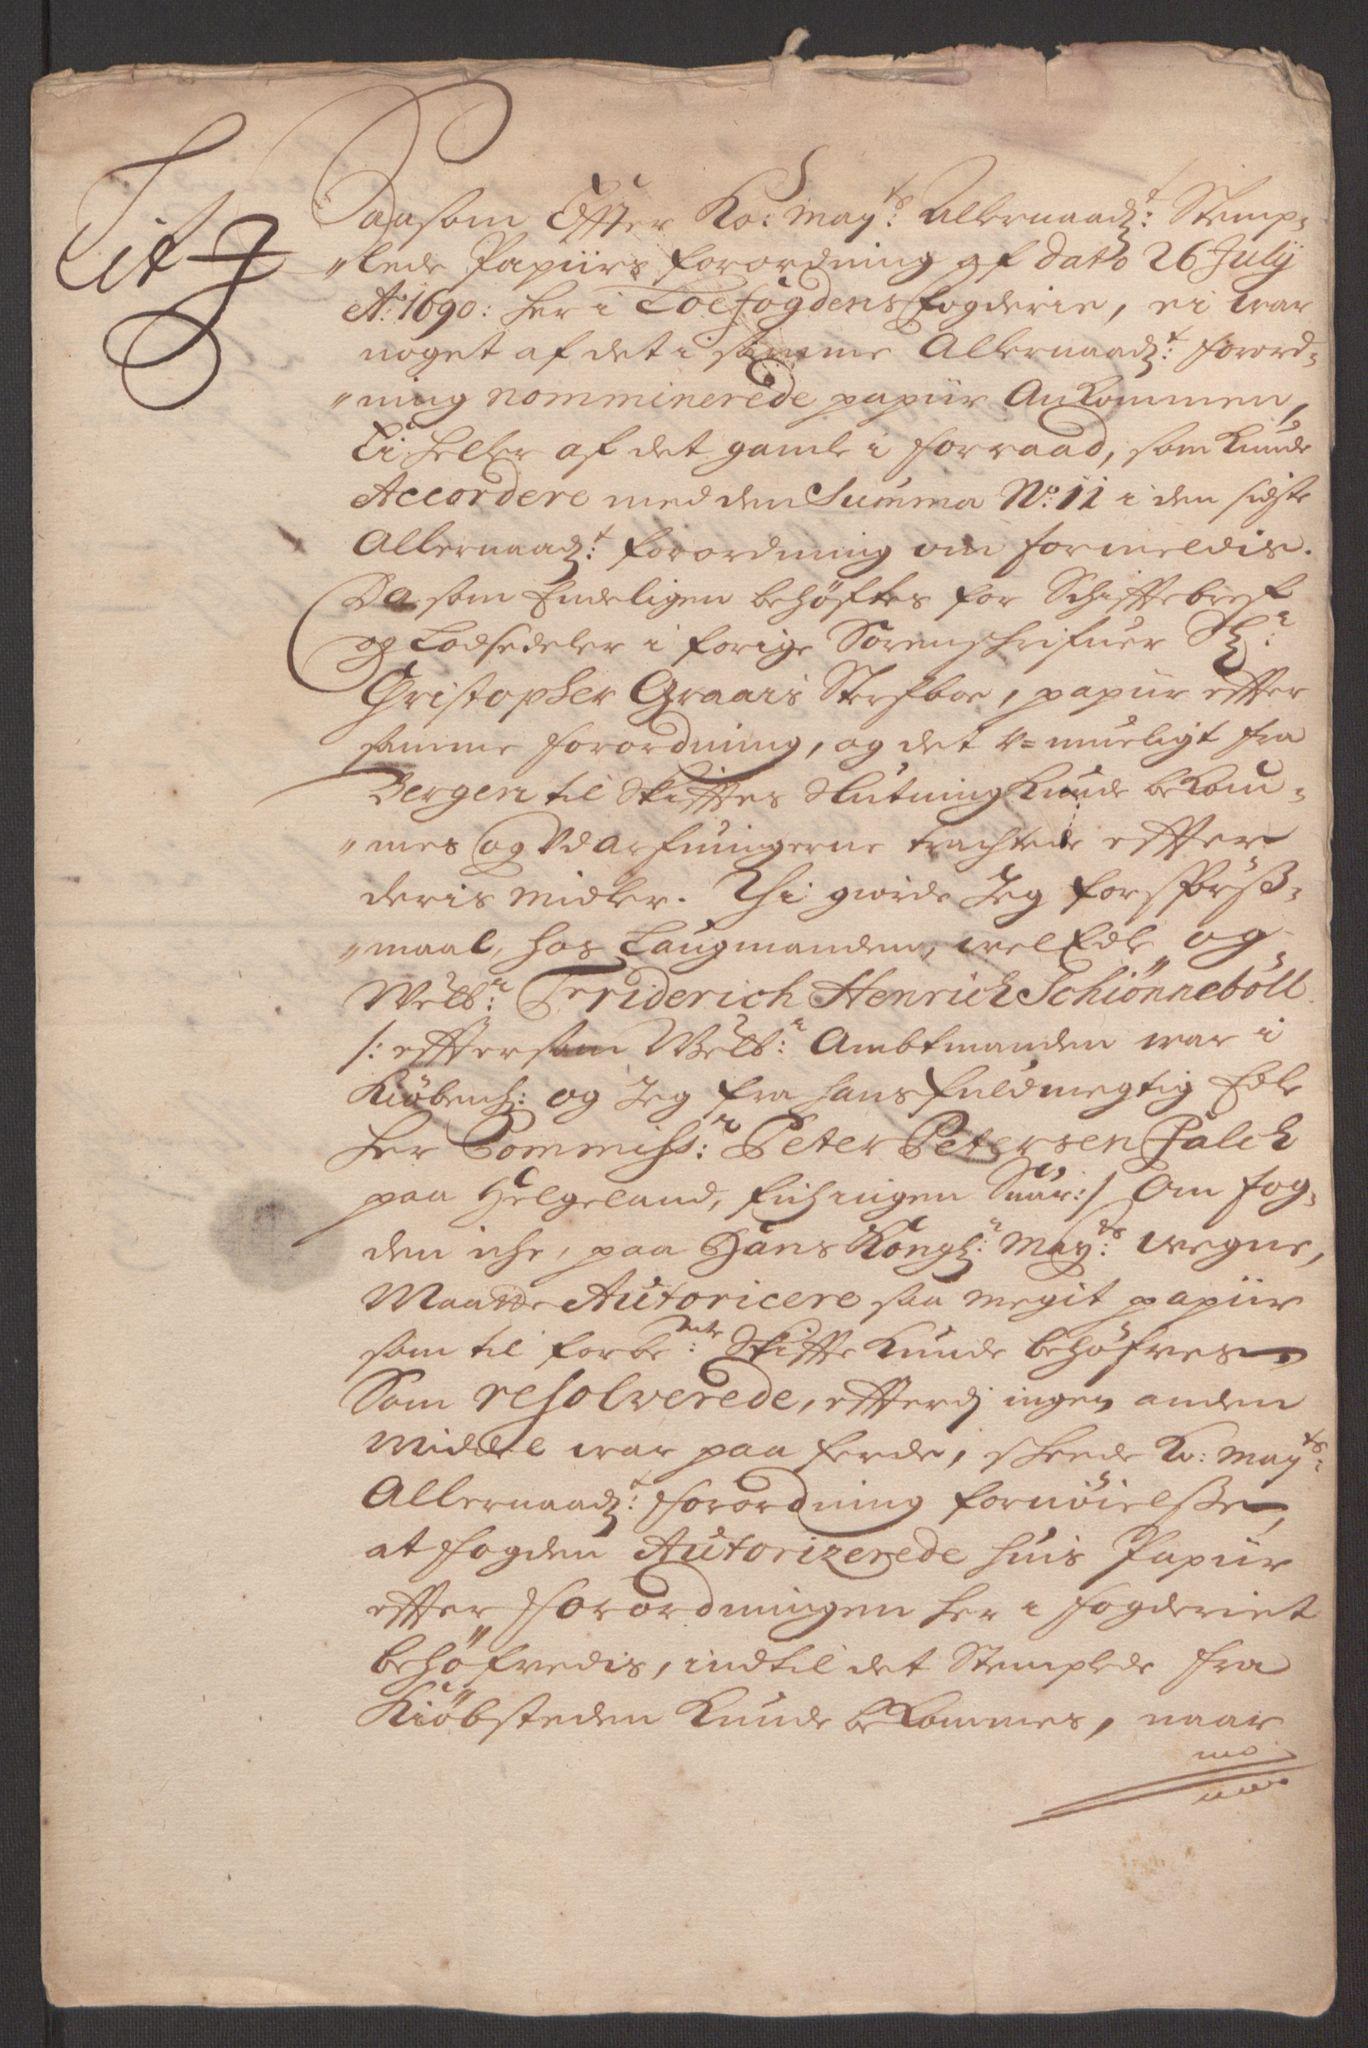 RA, Rentekammeret inntil 1814, Reviderte regnskaper, Fogderegnskap, R67/L4675: Fogderegnskap Vesterålen, Andenes og Lofoten, 1691-1693, s. 86